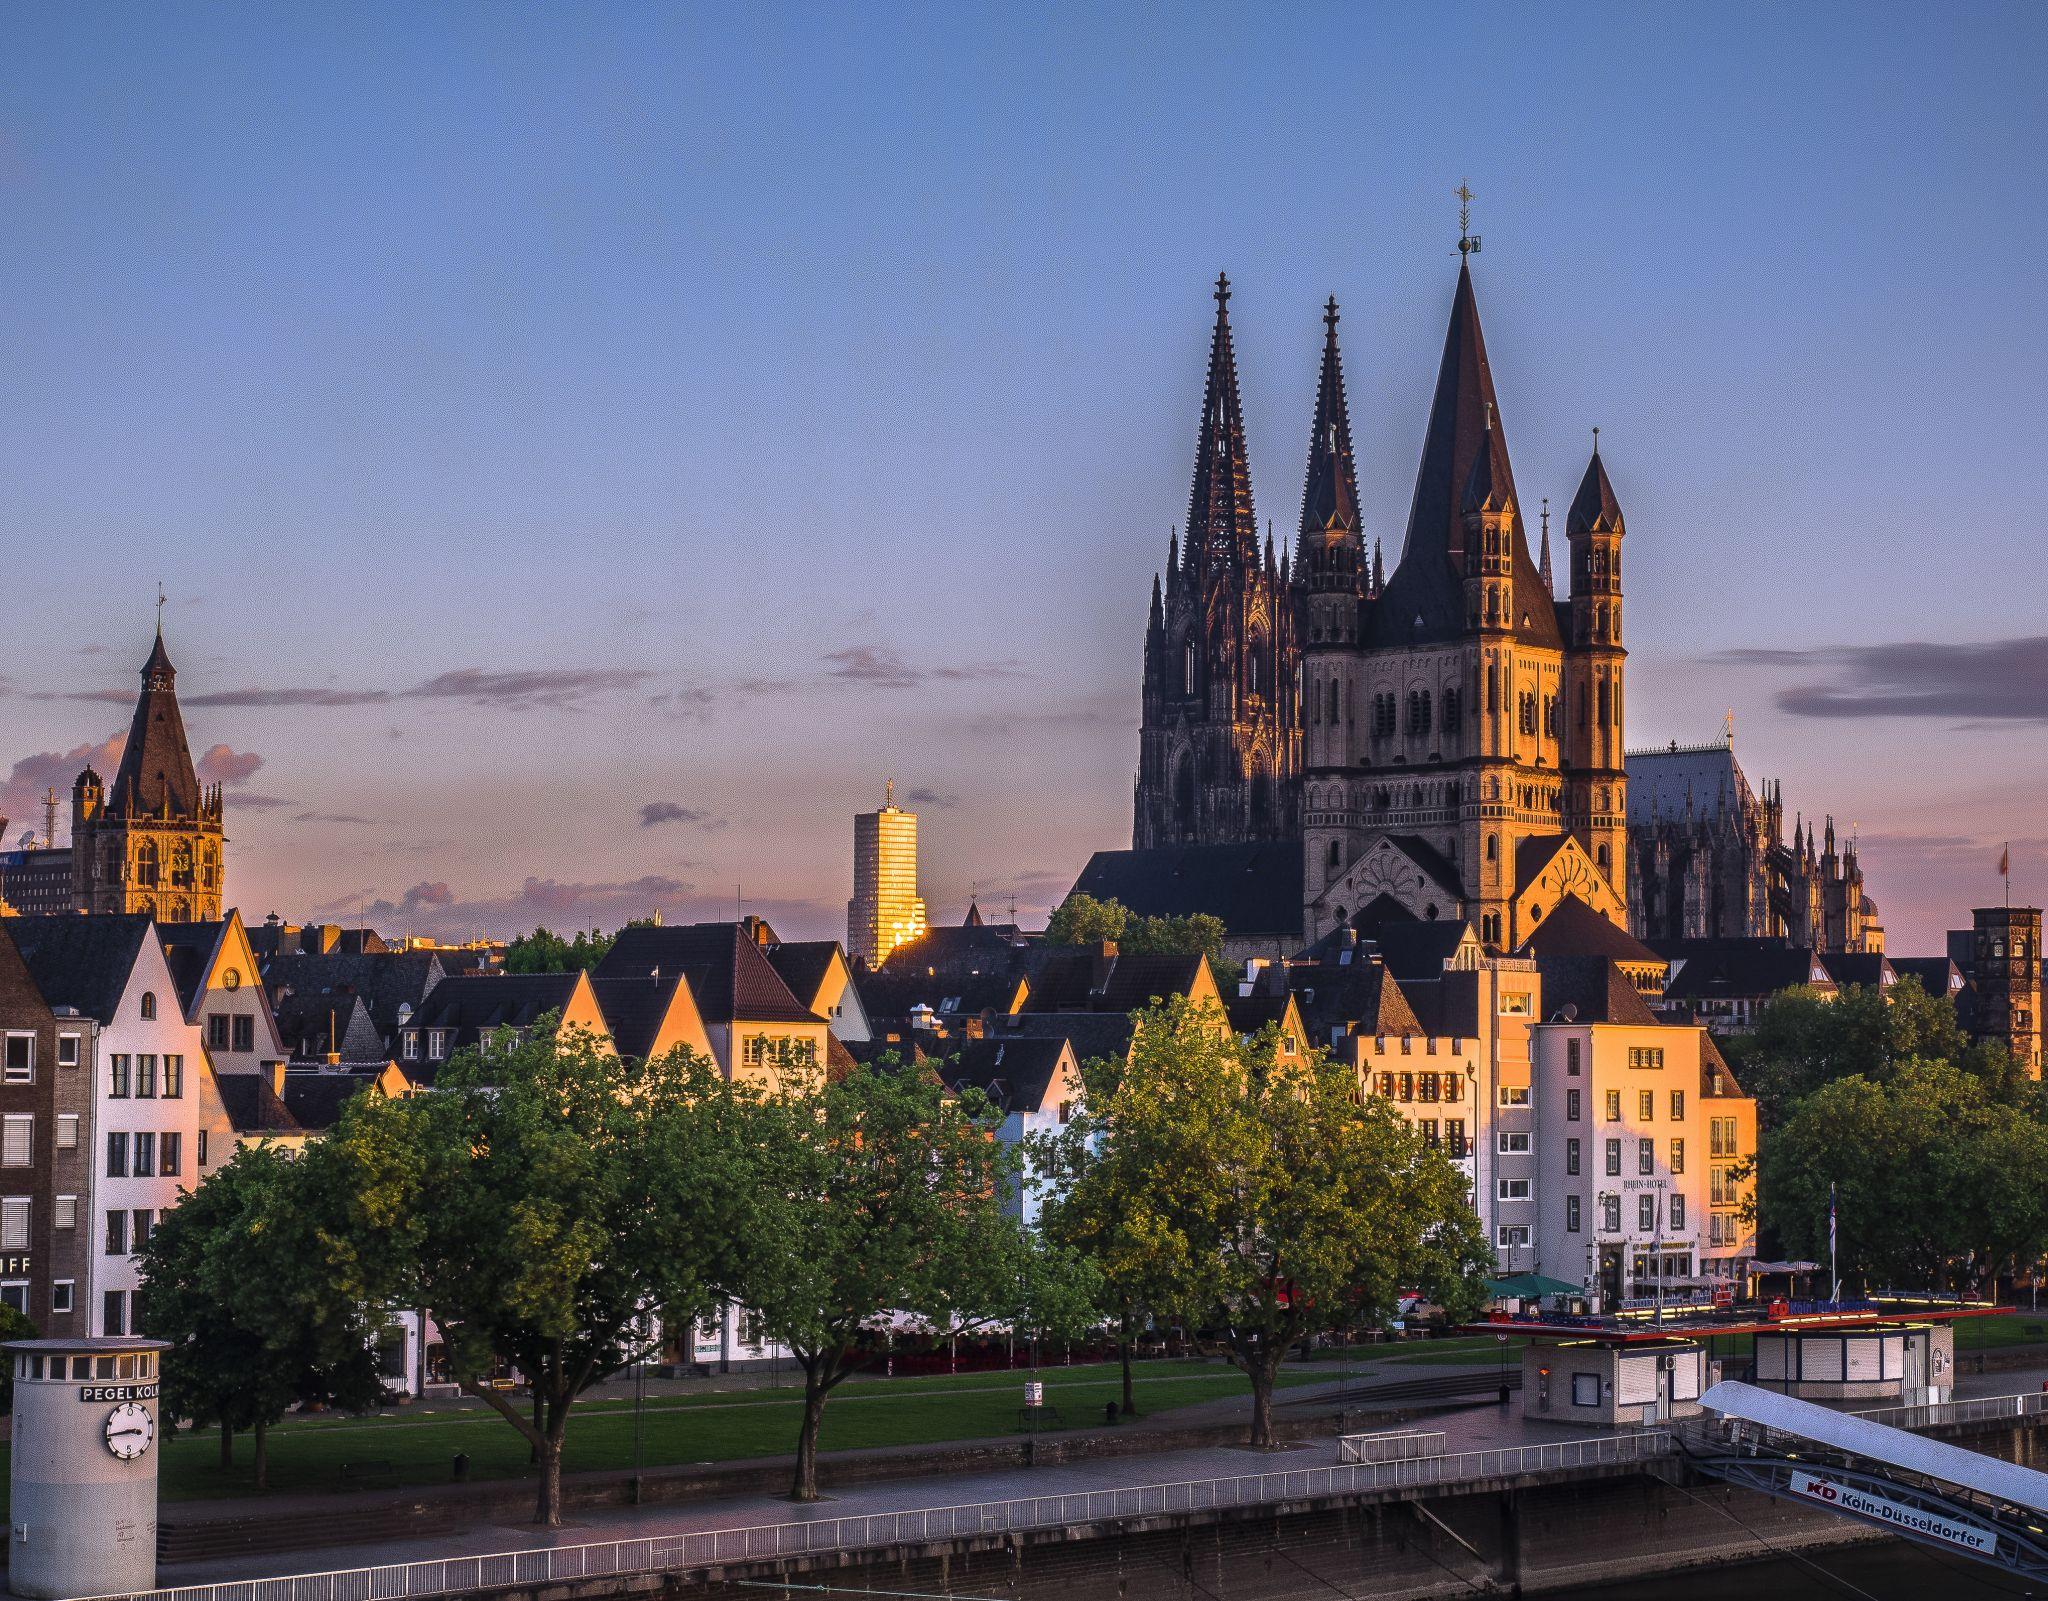 Sunrise at Deutzer Brücke, Cologne, Germany